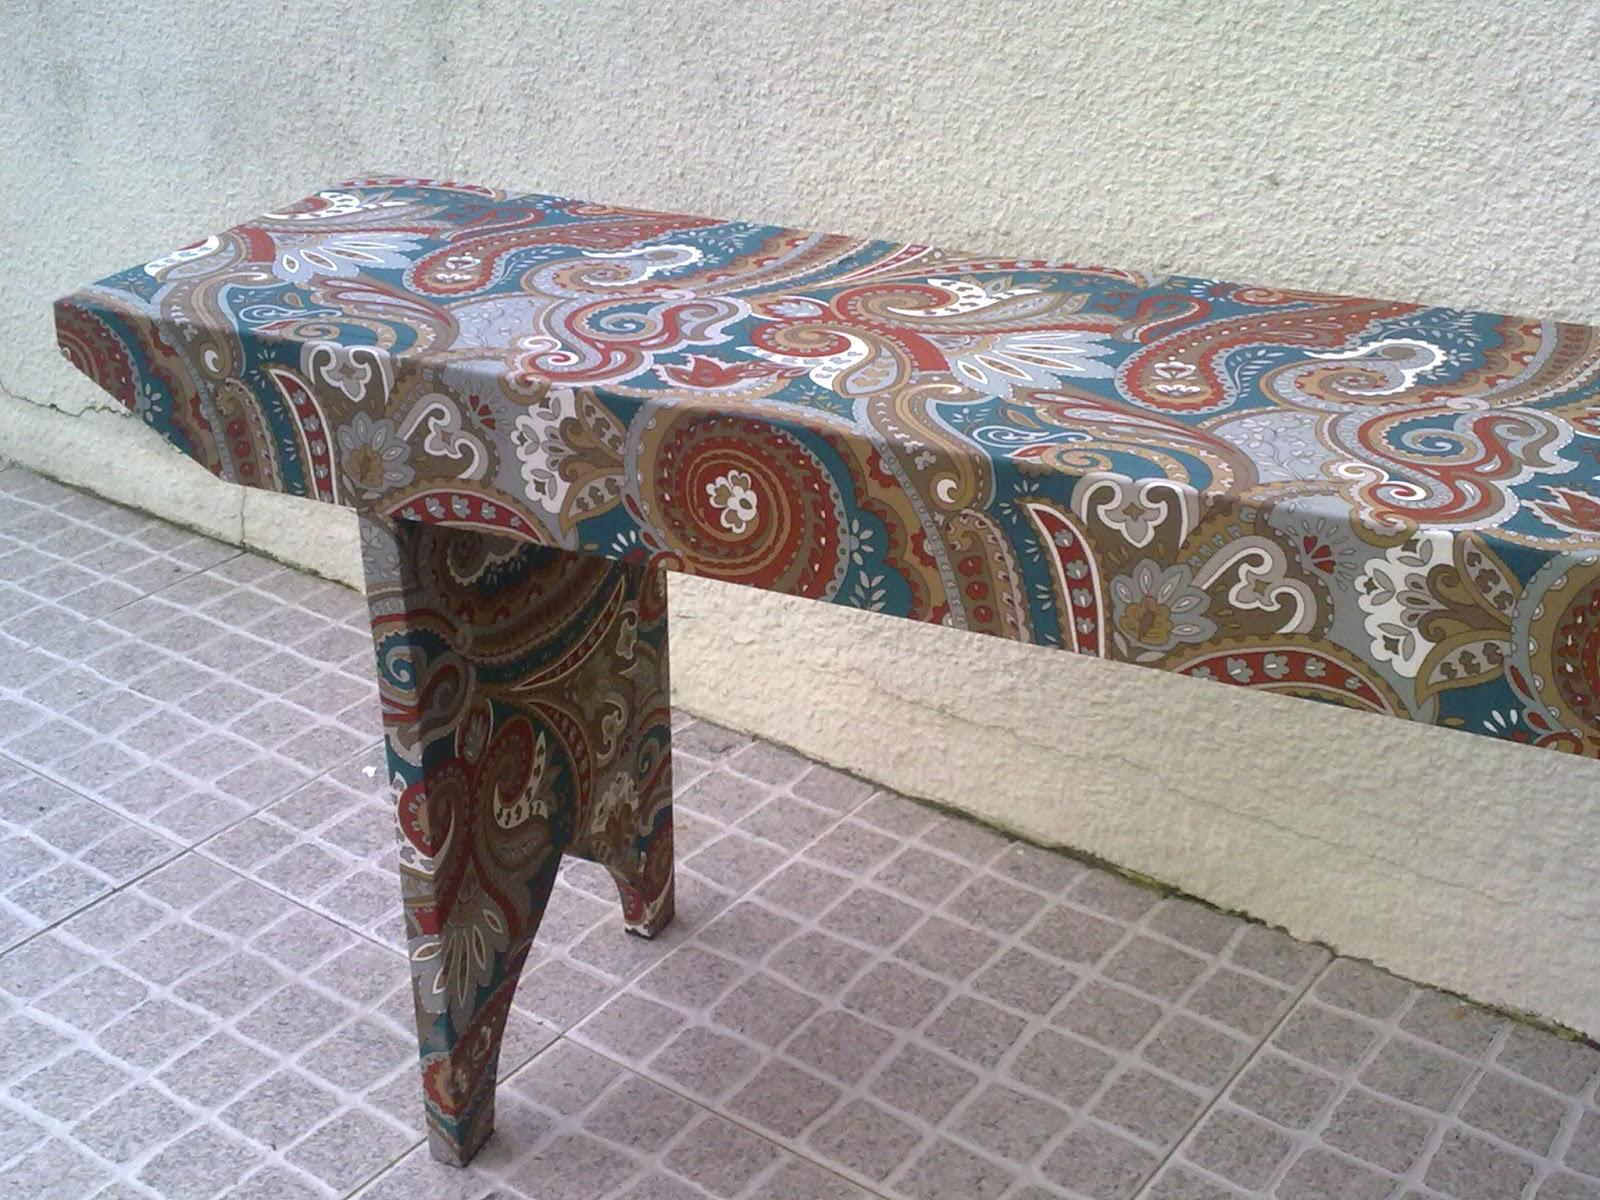 Coisas da Mãe Susana: Um banco de madeira encapado a tecido #62453A 1600x1200